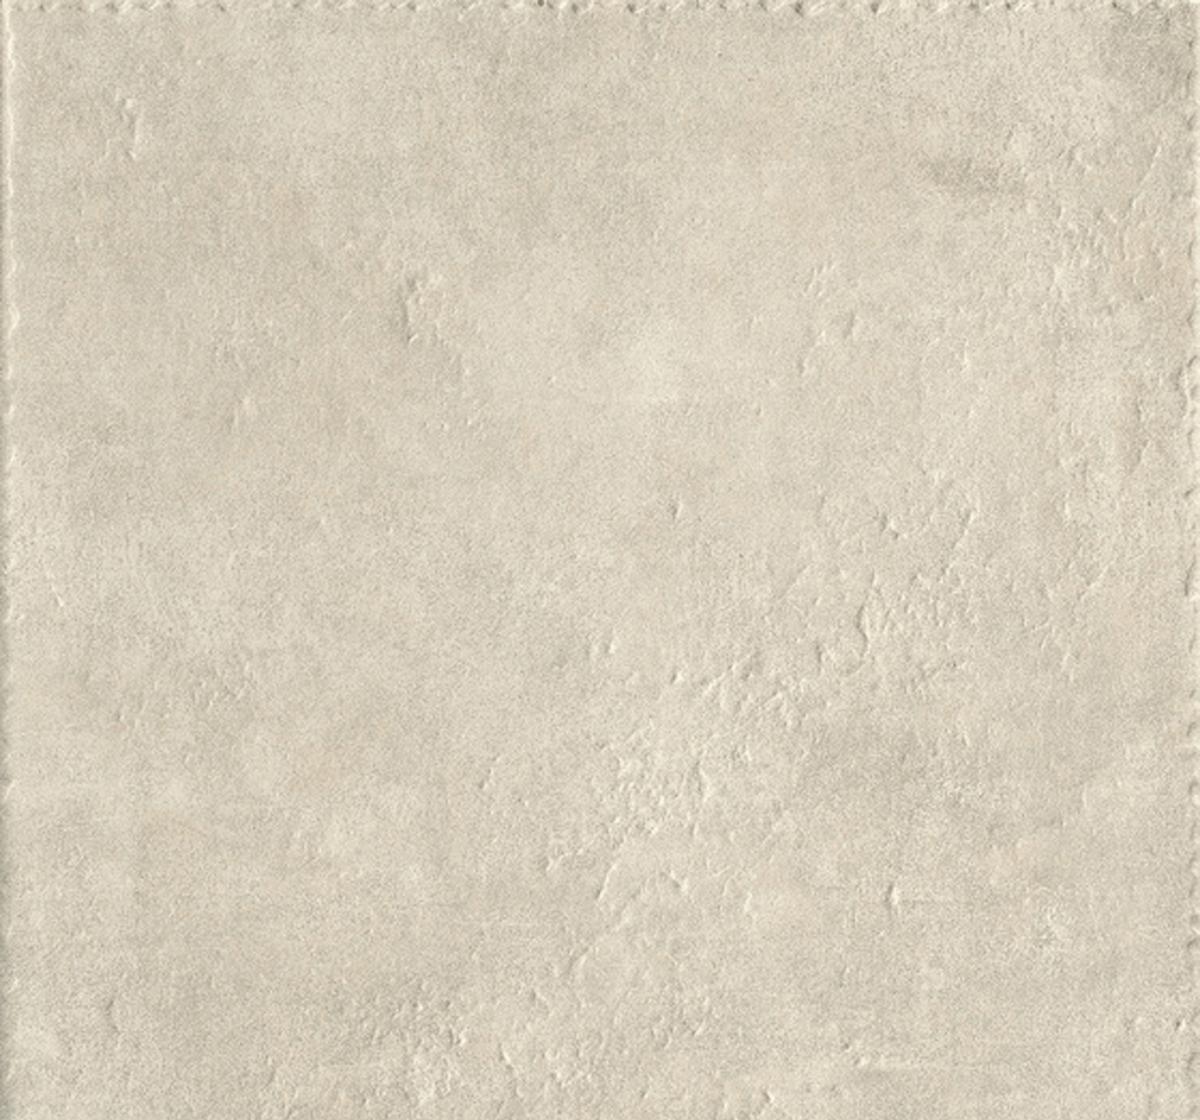 Плитка Cersanit Herber Cream 42x42